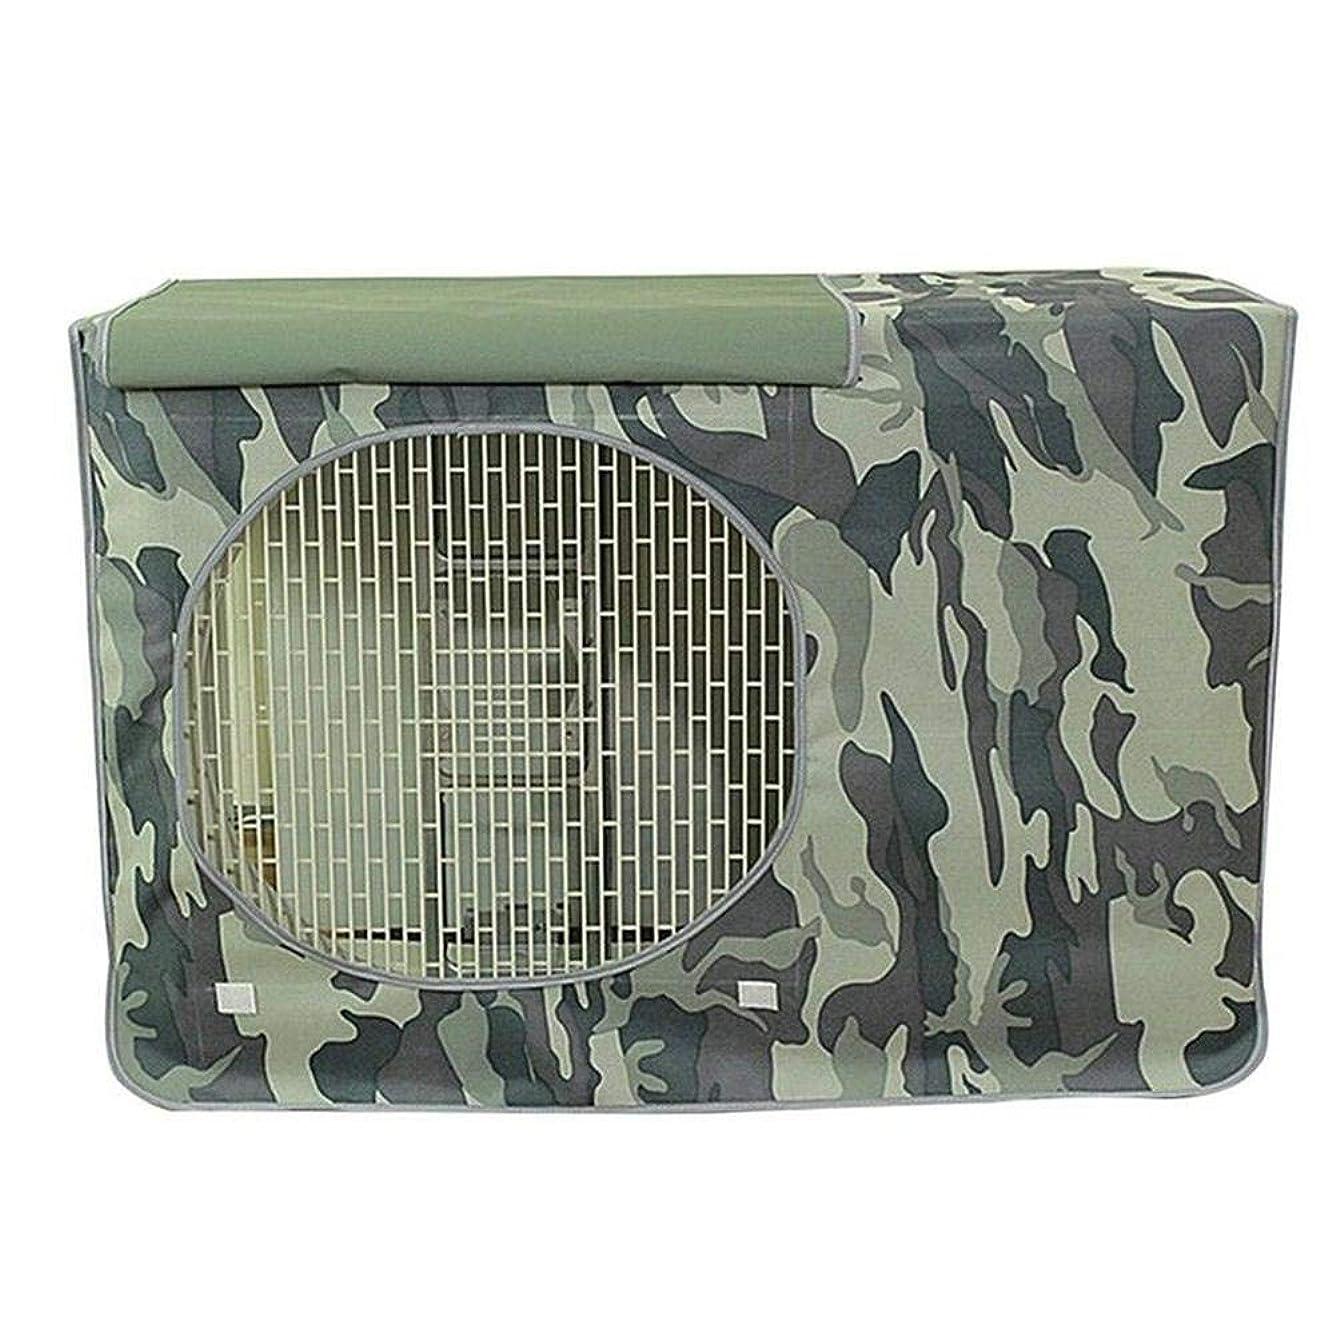 実り多い咽頭マイクロプロセッサエアコンカバー、オックスフォードの布の窓のエアコンカバーが付いている単位の外の単位の日曜日抵抗力がある保護装置屋外の防水日焼け止めの塵カバーカバー保護装置